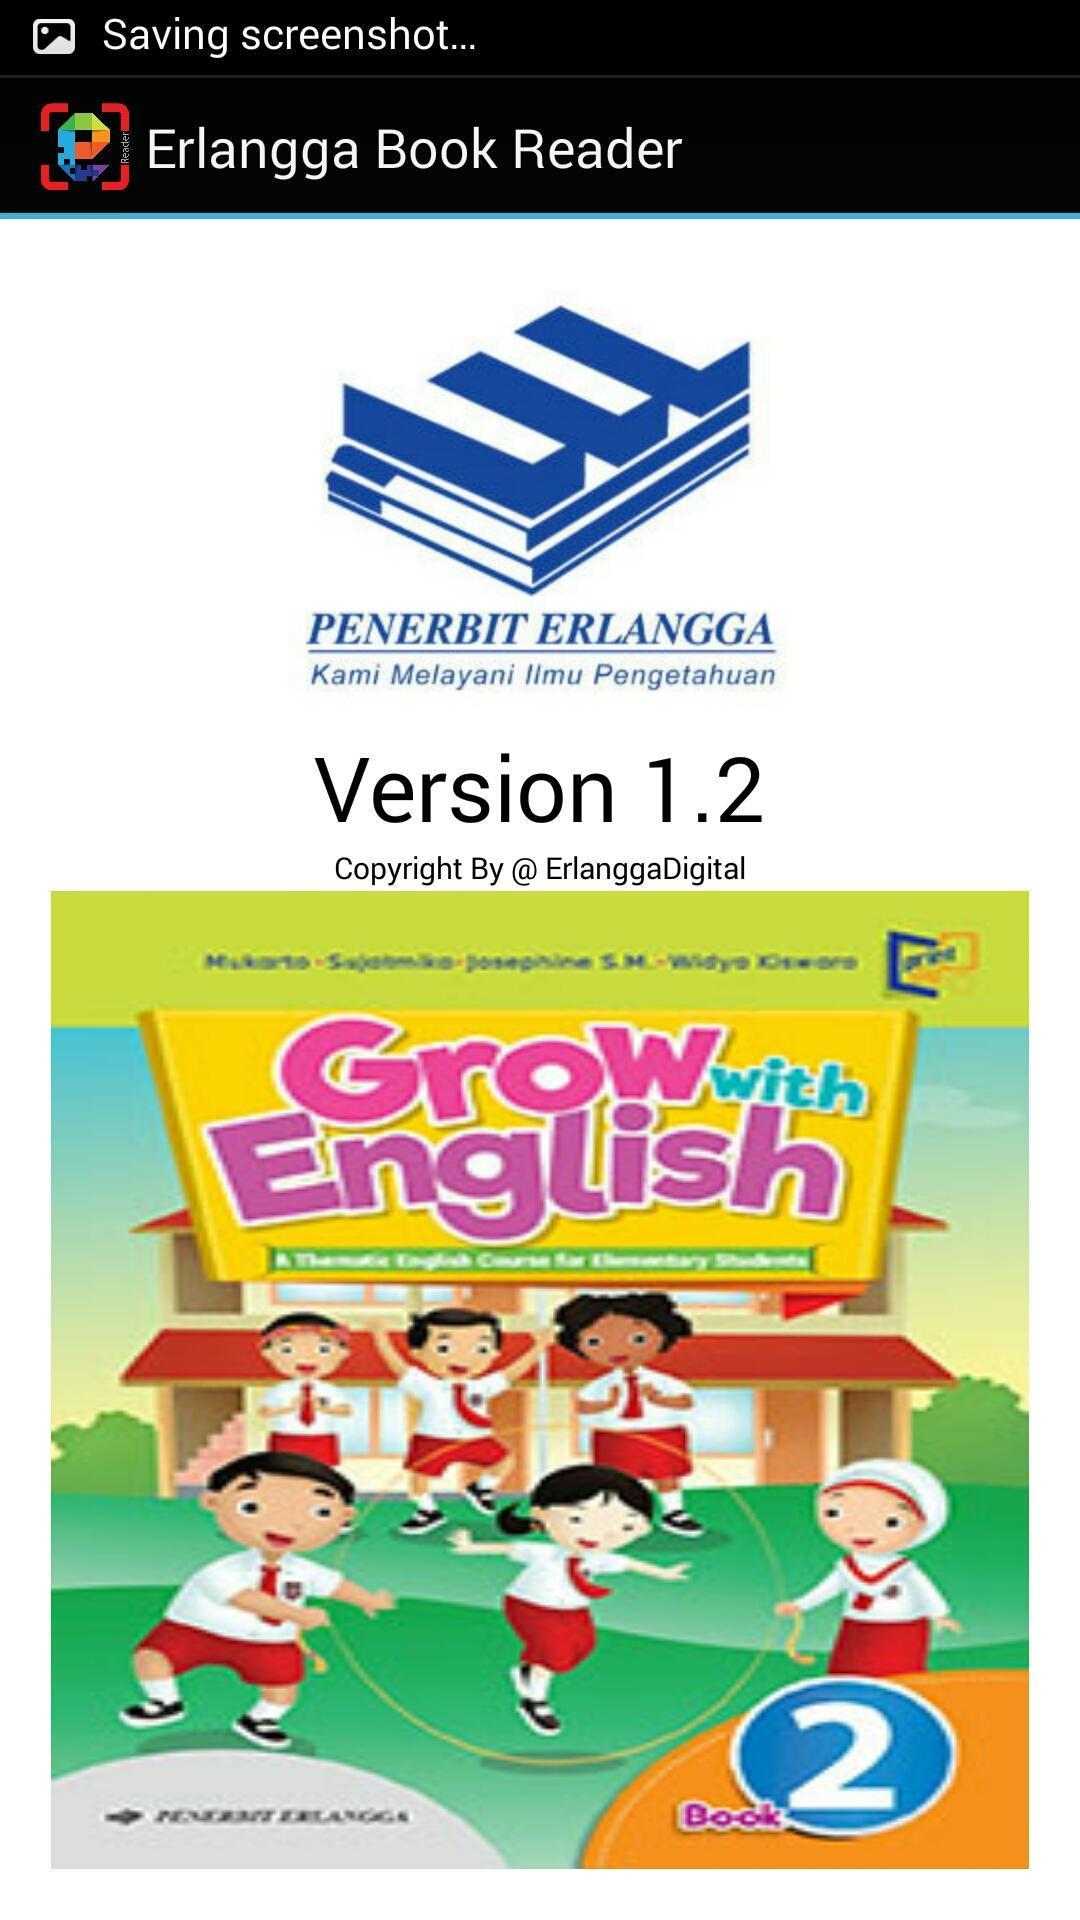 Erlangga Reader for Android - APK Download